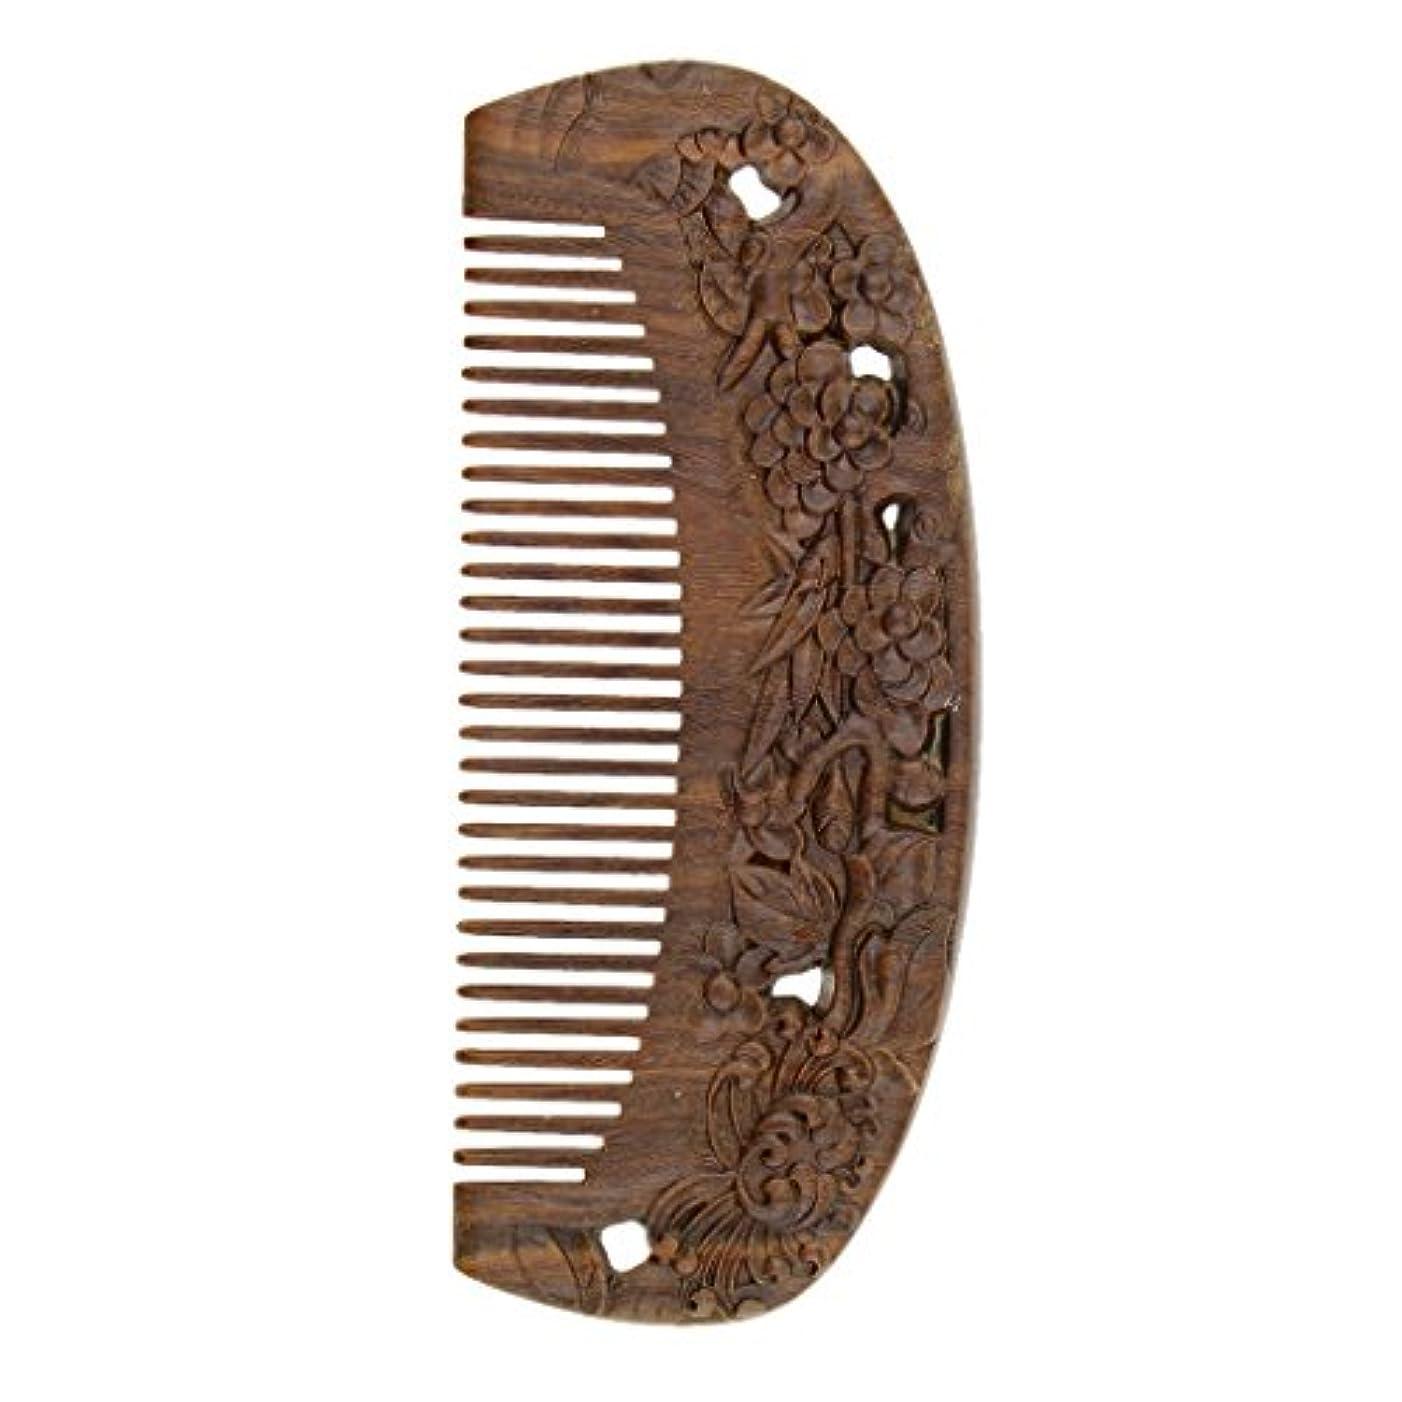 追う穏やかなフリンジウッドコーム 天然木製 高品質 木製櫛 ワイド歯 ヘアブラシ ヘアスタイリング ヘアコーム 2タイプ選べる - #2